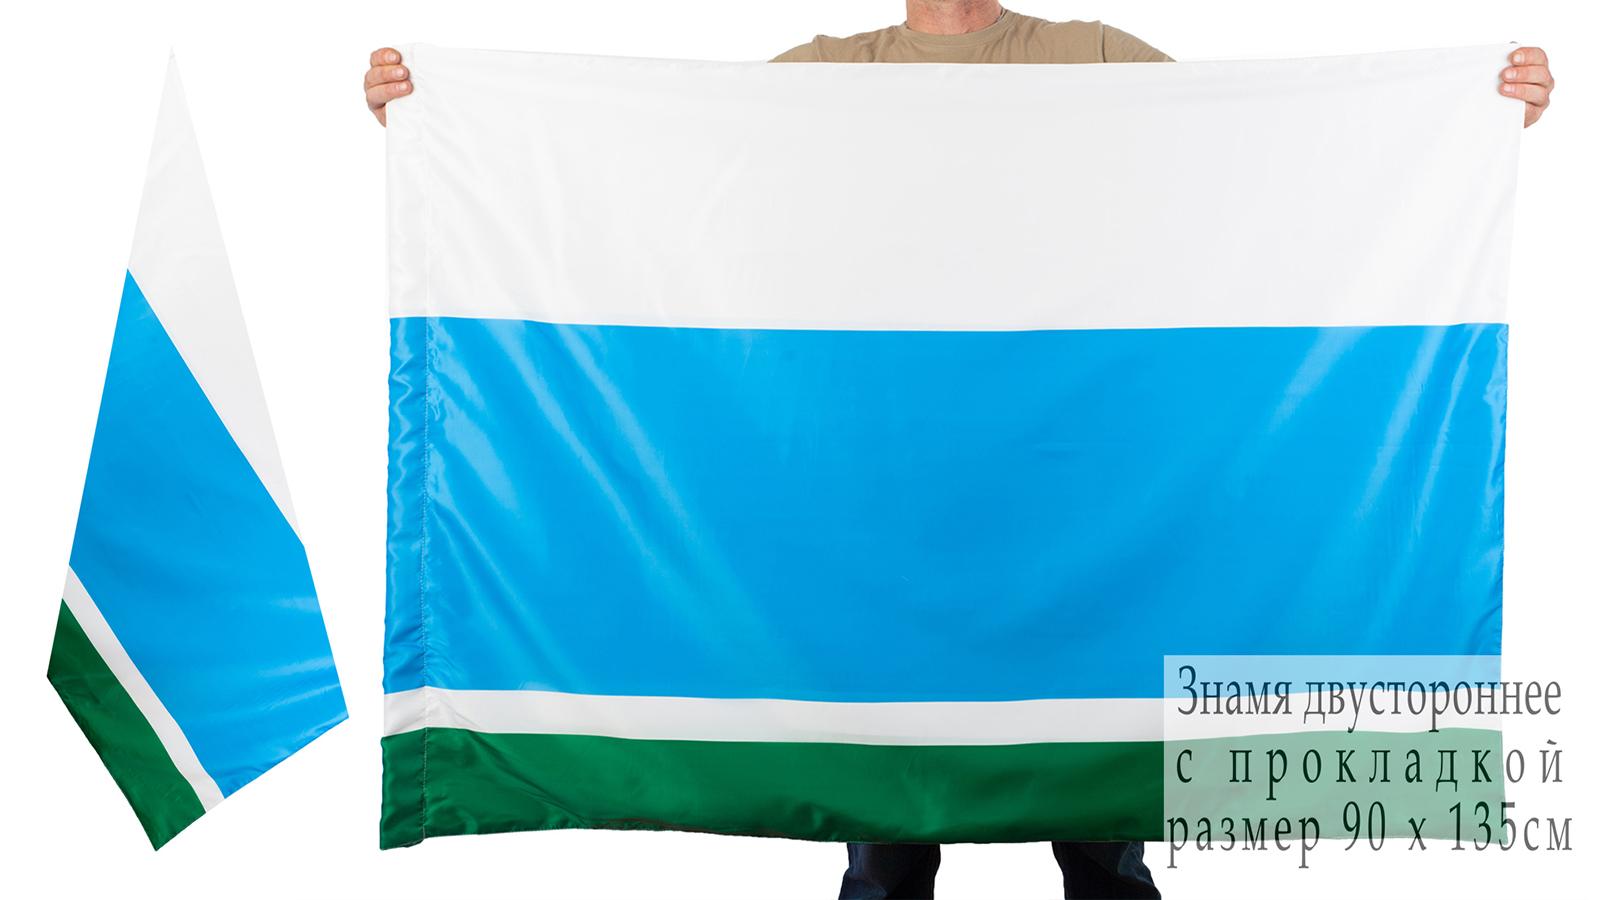 Двухсторонний флаг Свердловской области